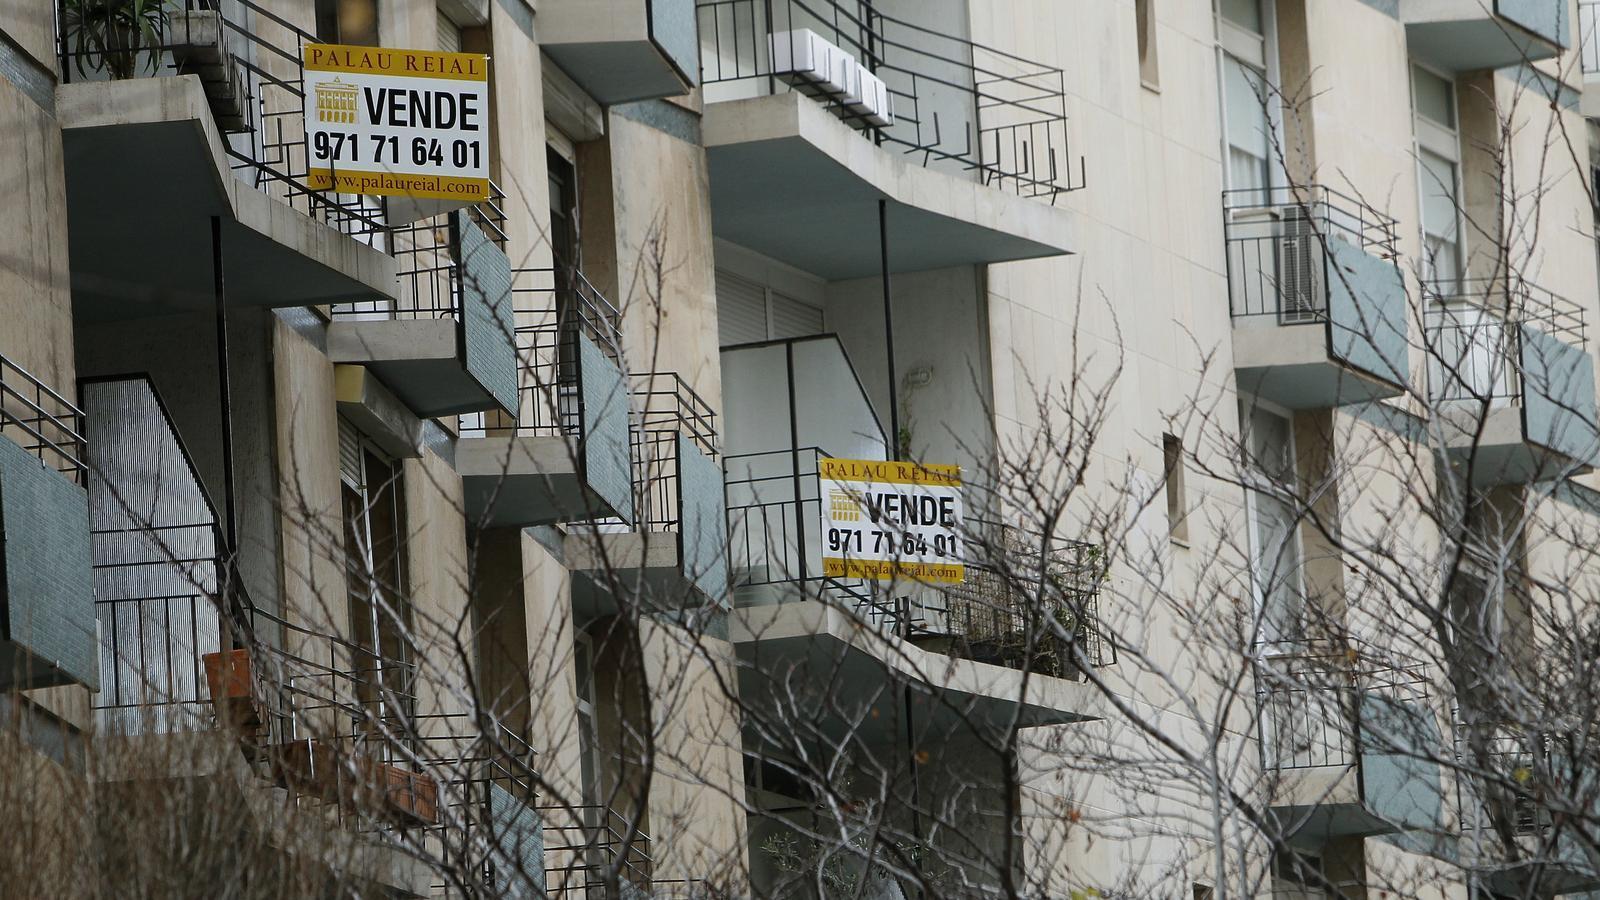 La llei d'habitatge s'aprovarà, en principi, durant el primer trimestre del 2018.